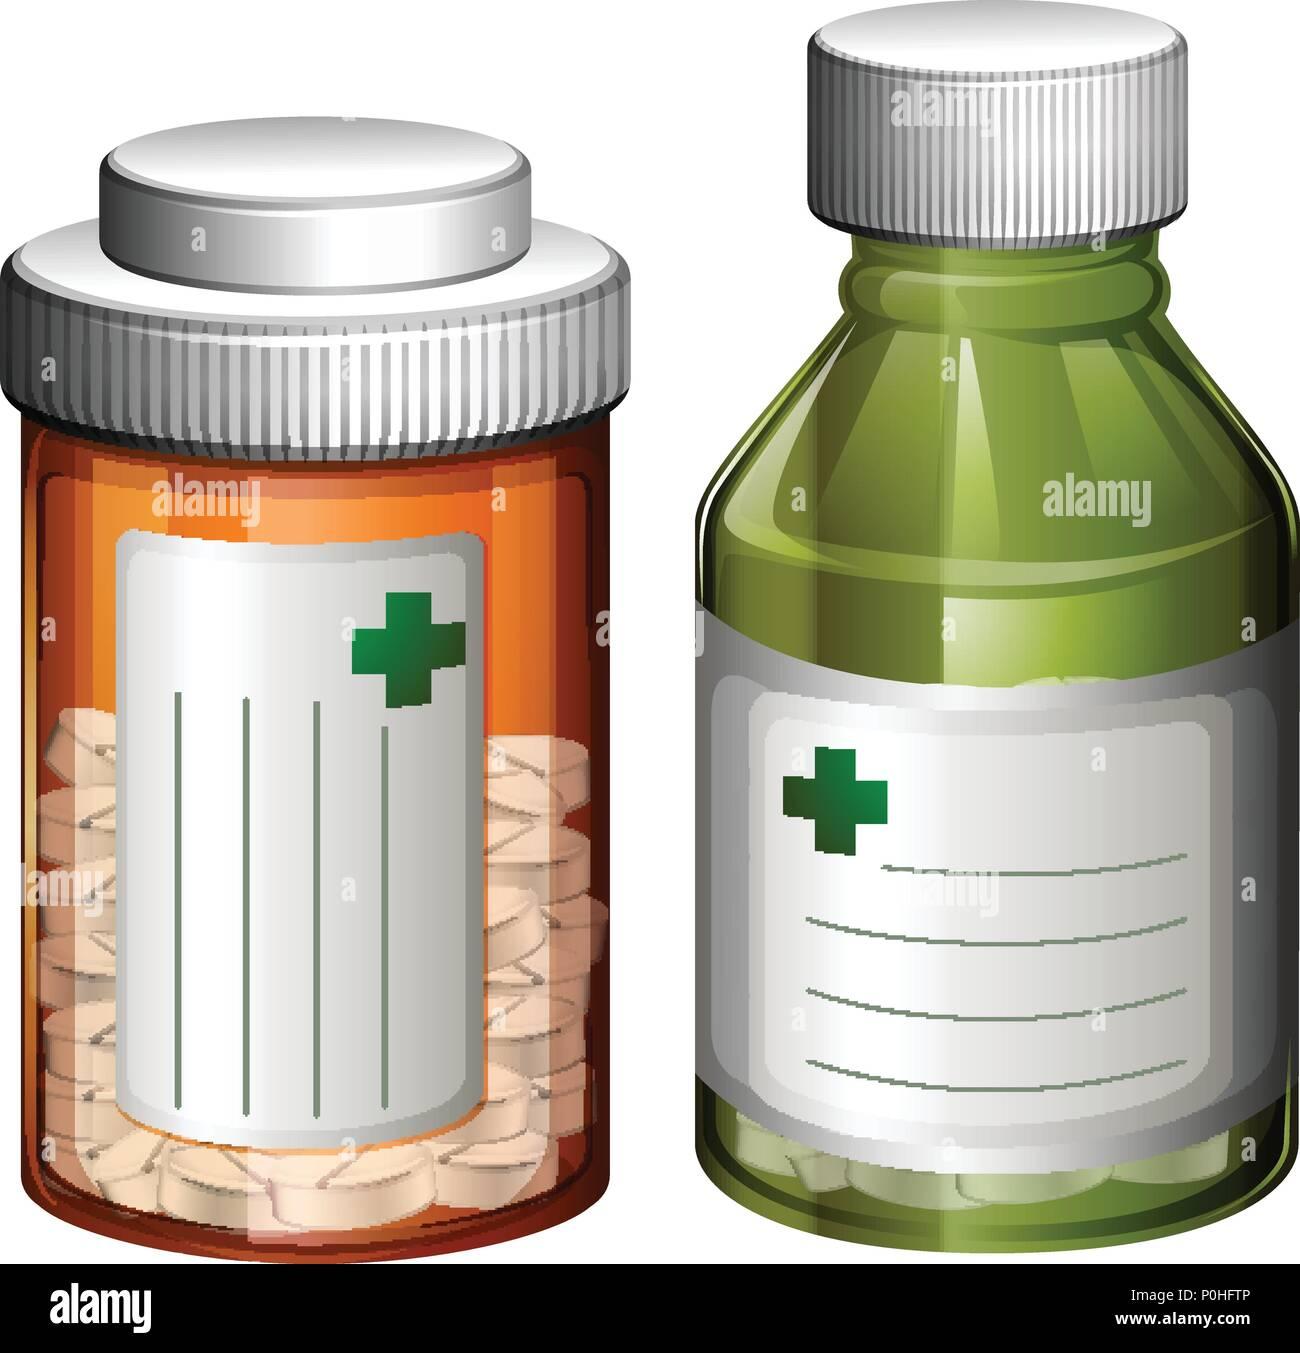 Eine Reihe von Medizin Flasche Abbildung Stockbild